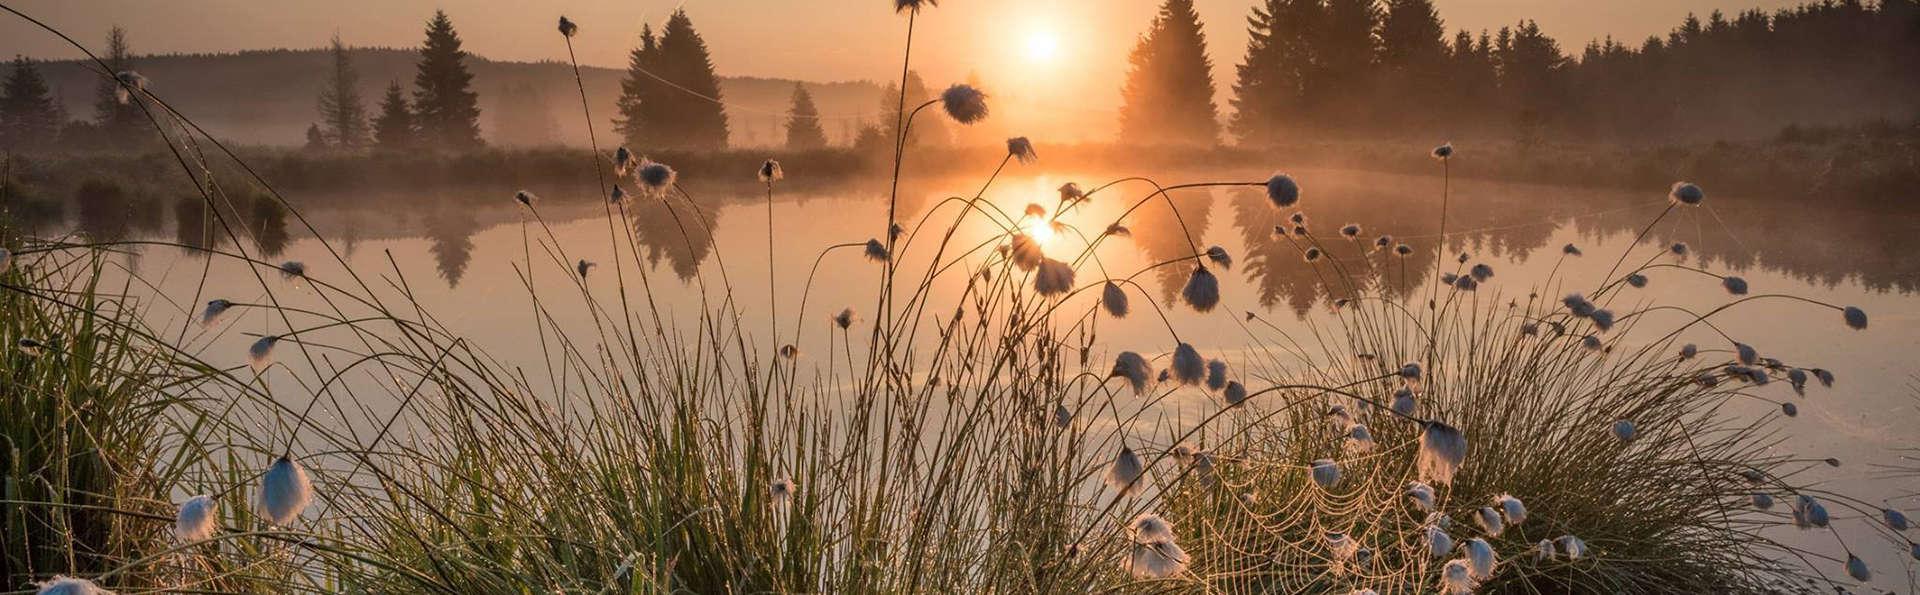 Overnachting in het hart van het prachtige natuurgebied de Hoge Venen